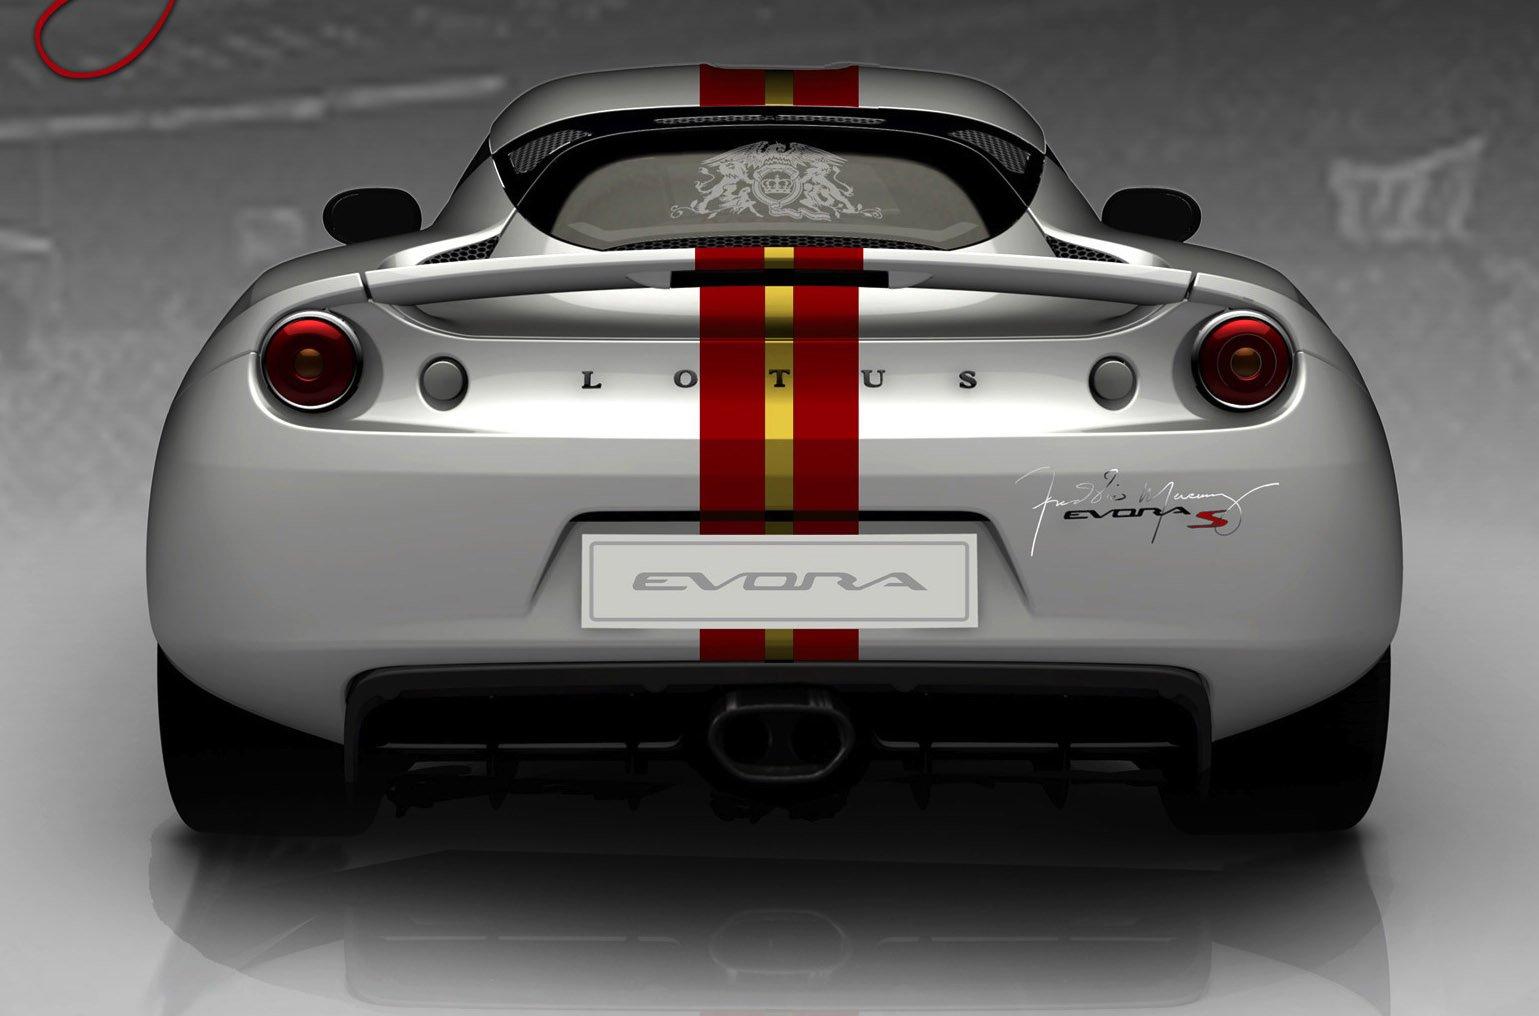 Lotus Evora S Freddie Mercury arriere